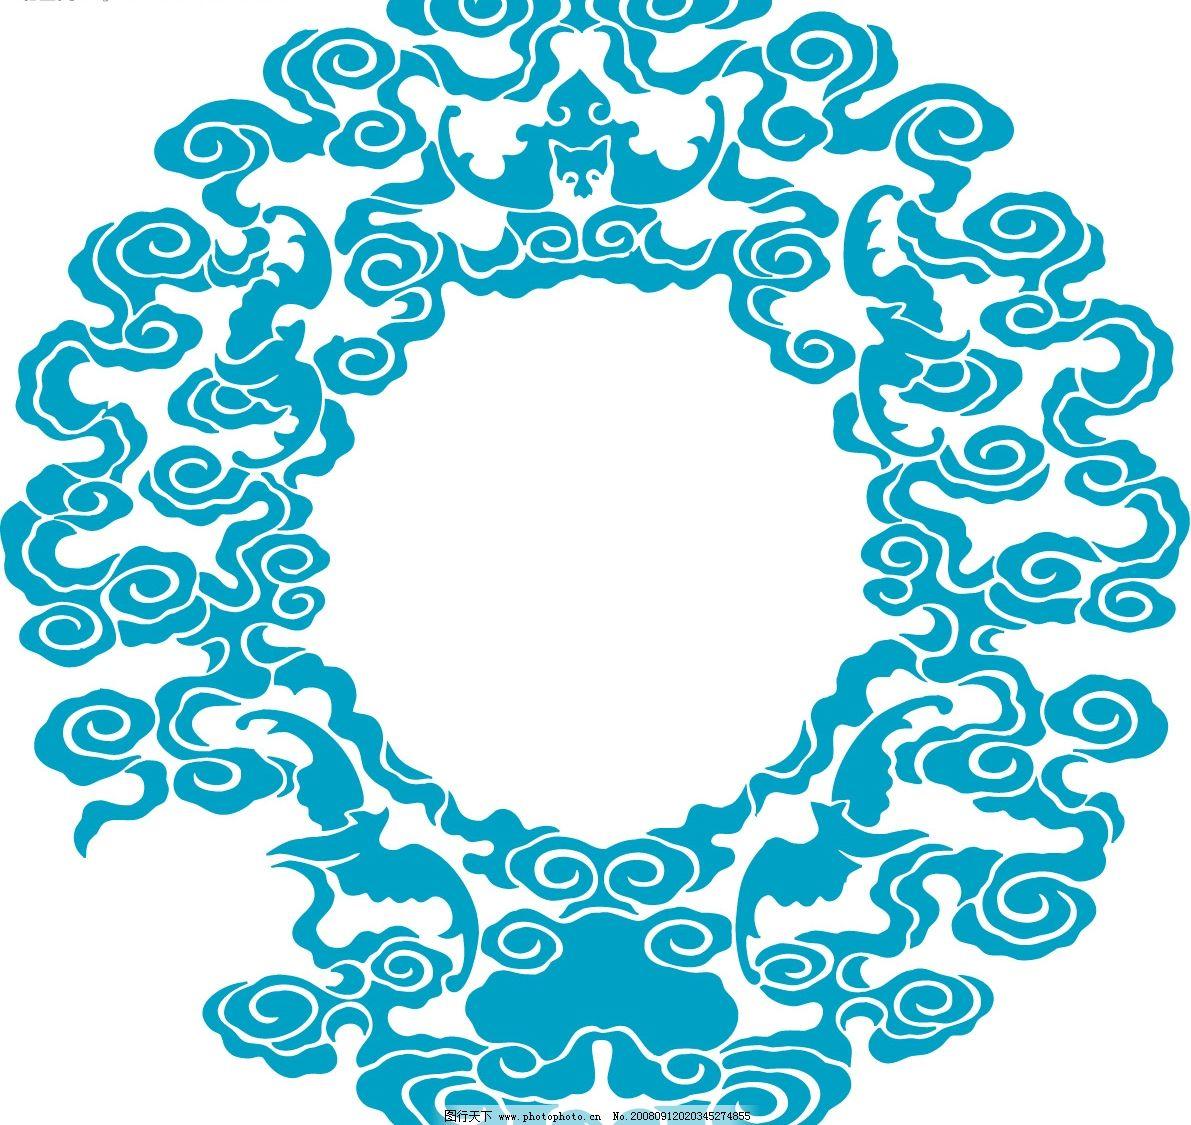 福云 五福拱寿 福 吉祥 寿 传统文化 云朵 祥云 底纹边框 花纹花边 矢